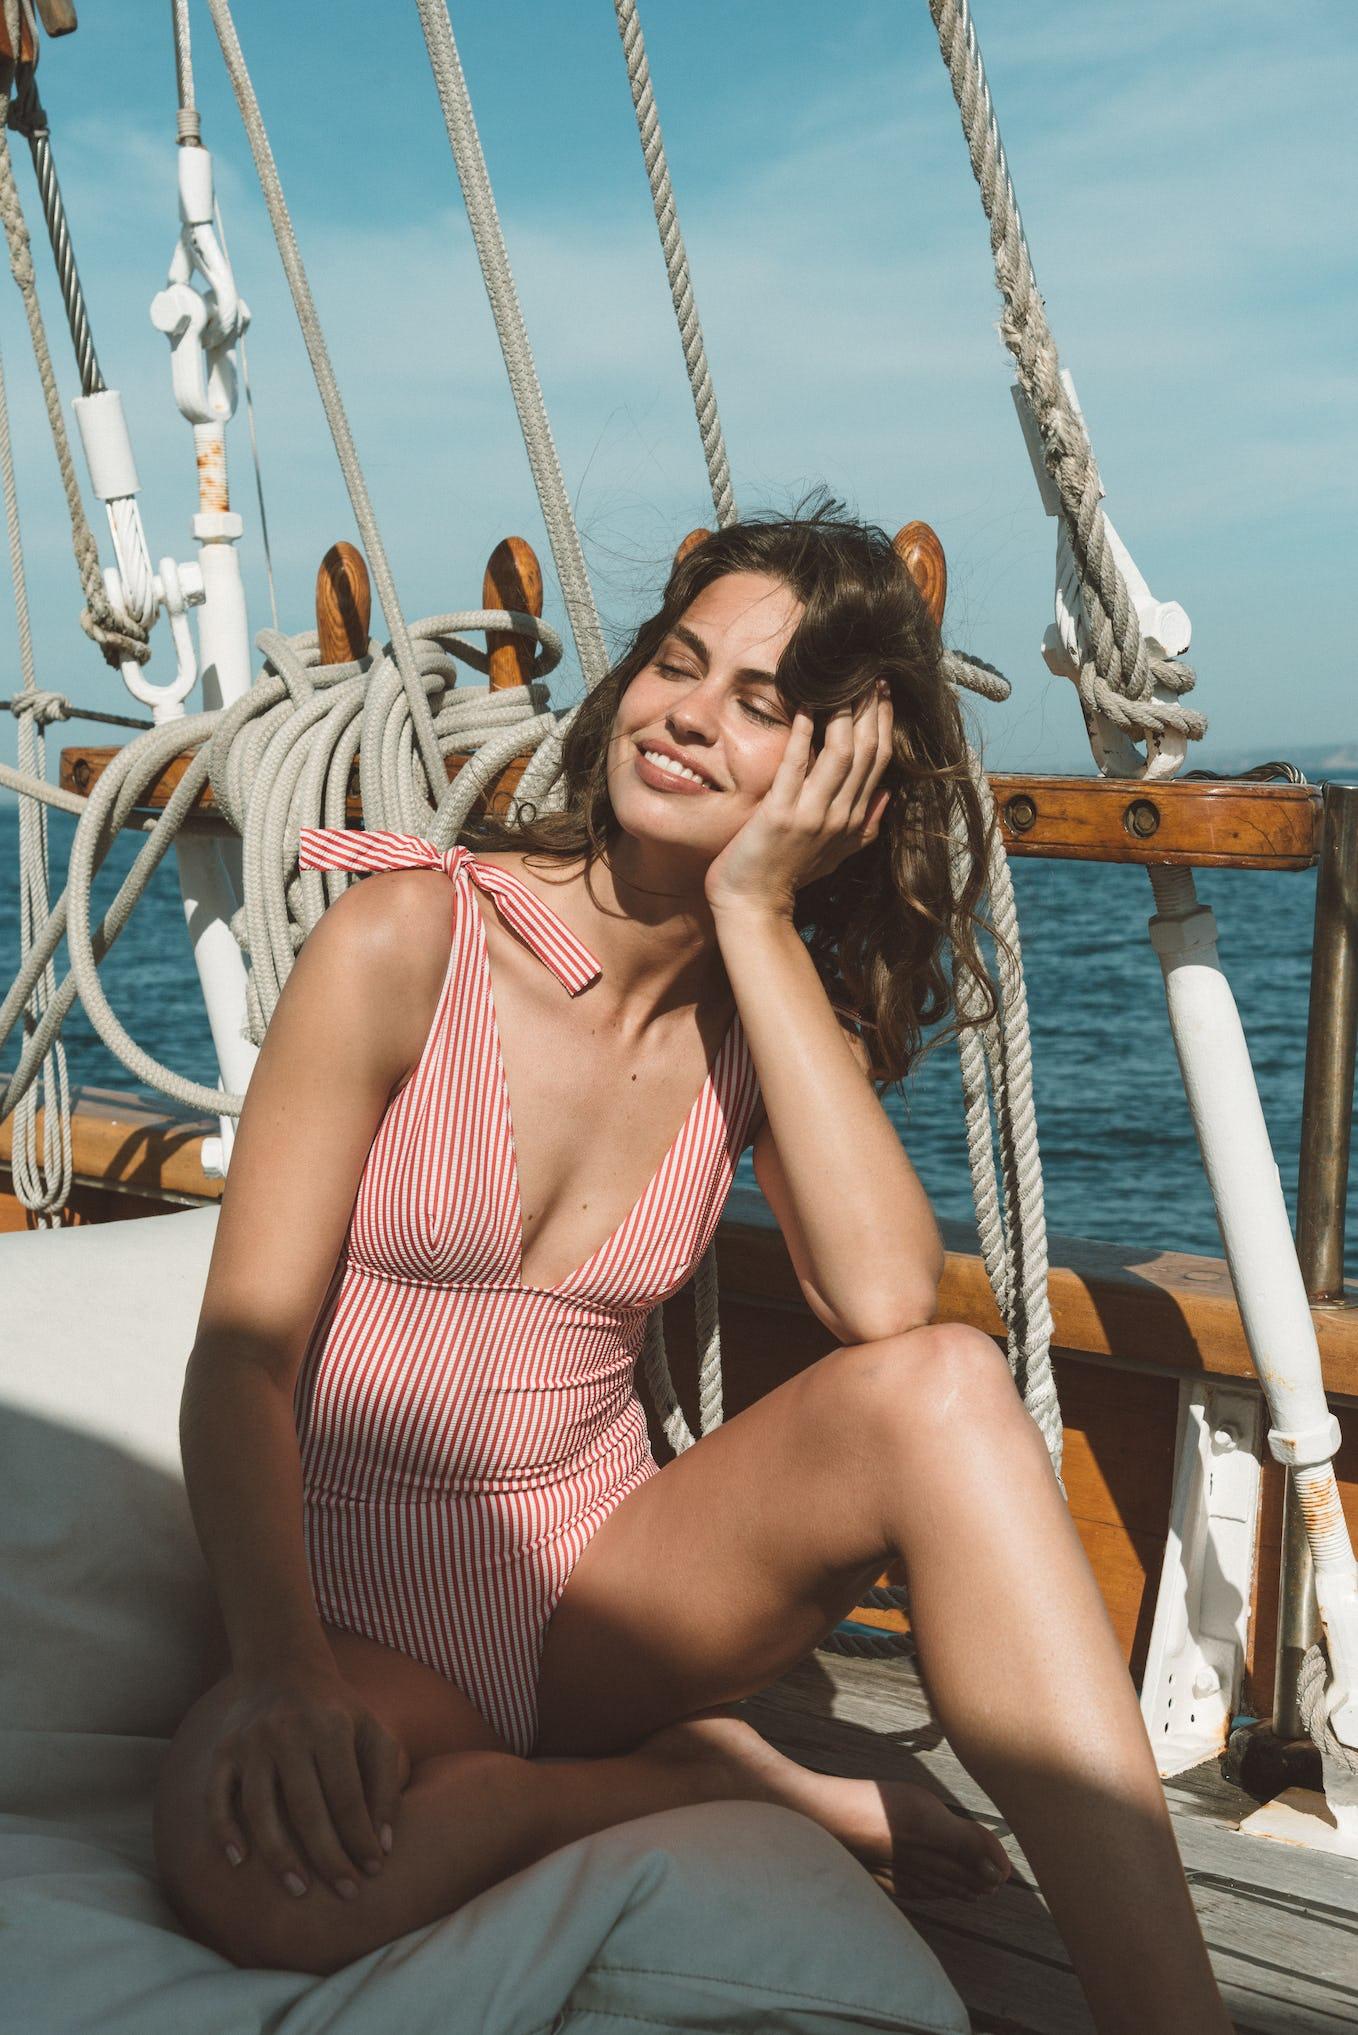 sur le pont d'un bateau